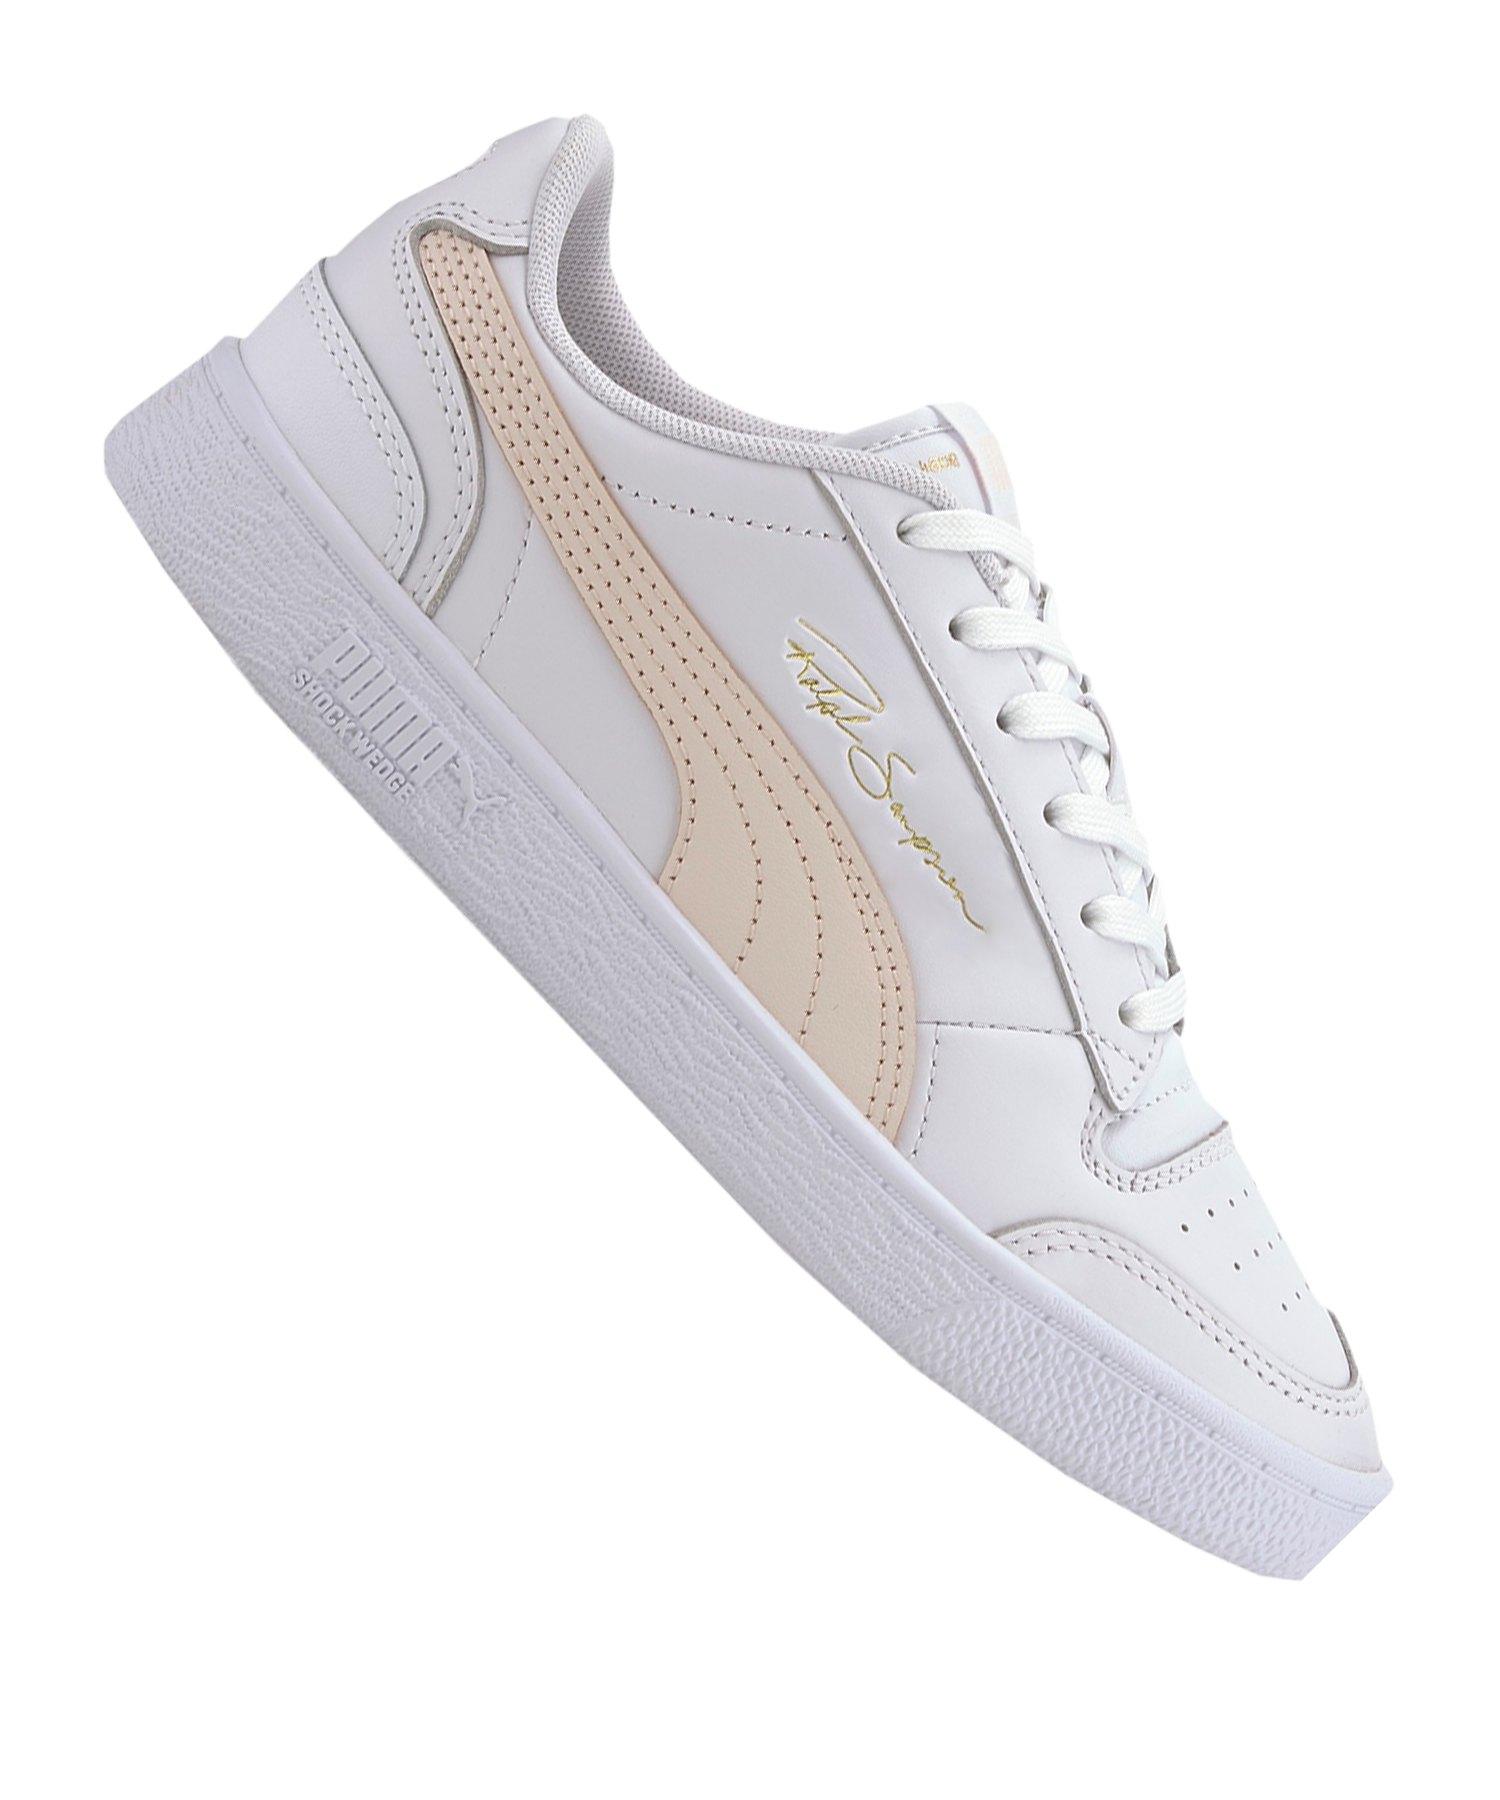 PUMA Ralph Sampson Lo Sneaker Weiss F12 - weiss